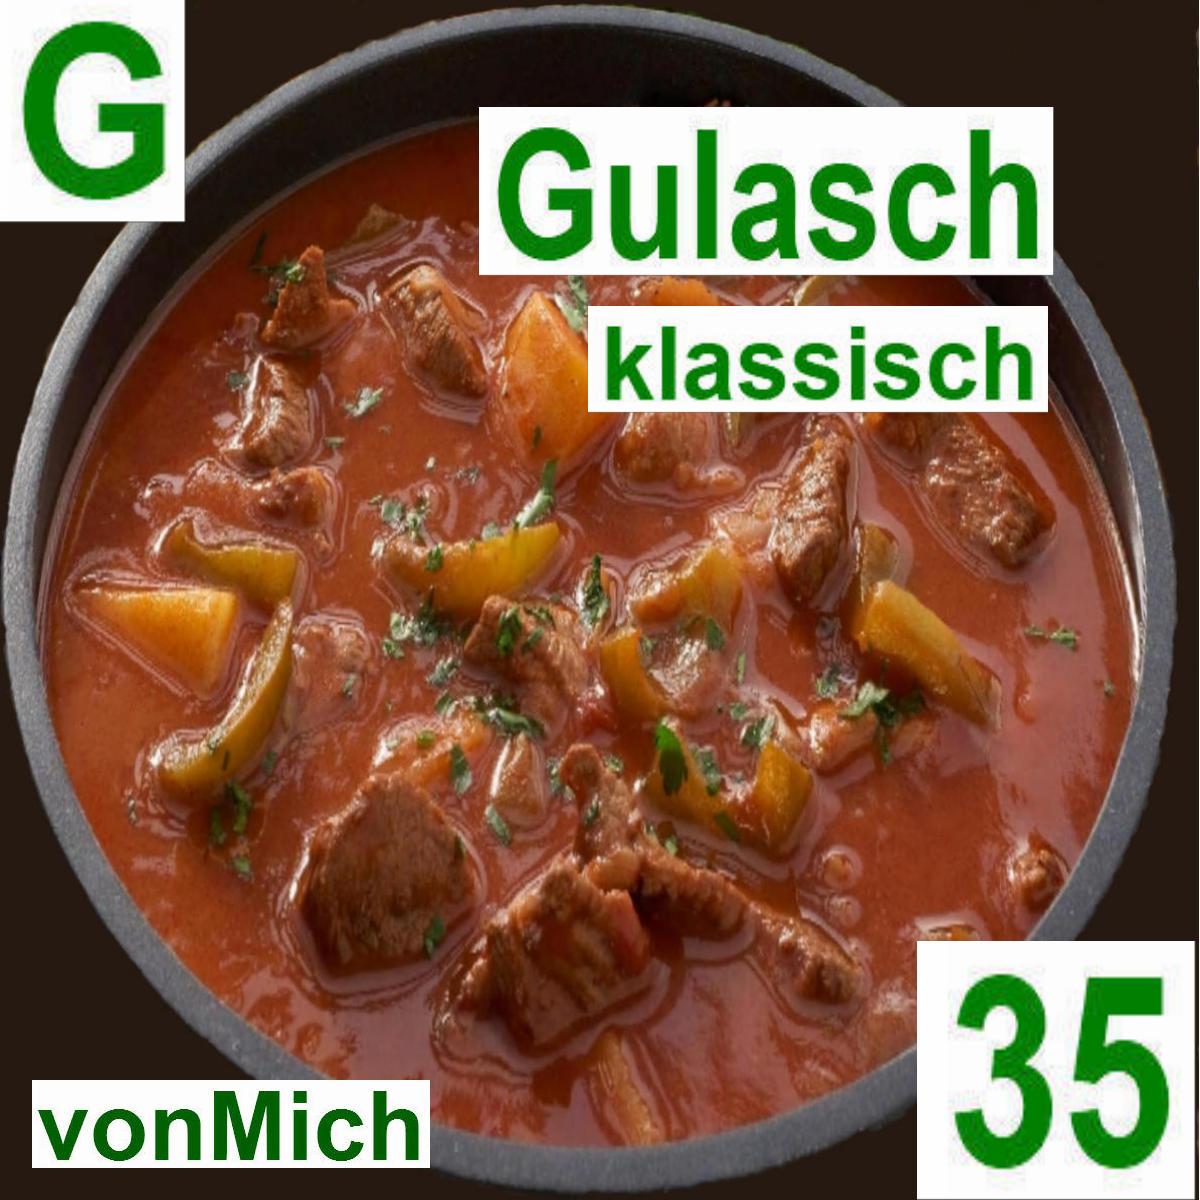 Gulasch klassisch | vonMich